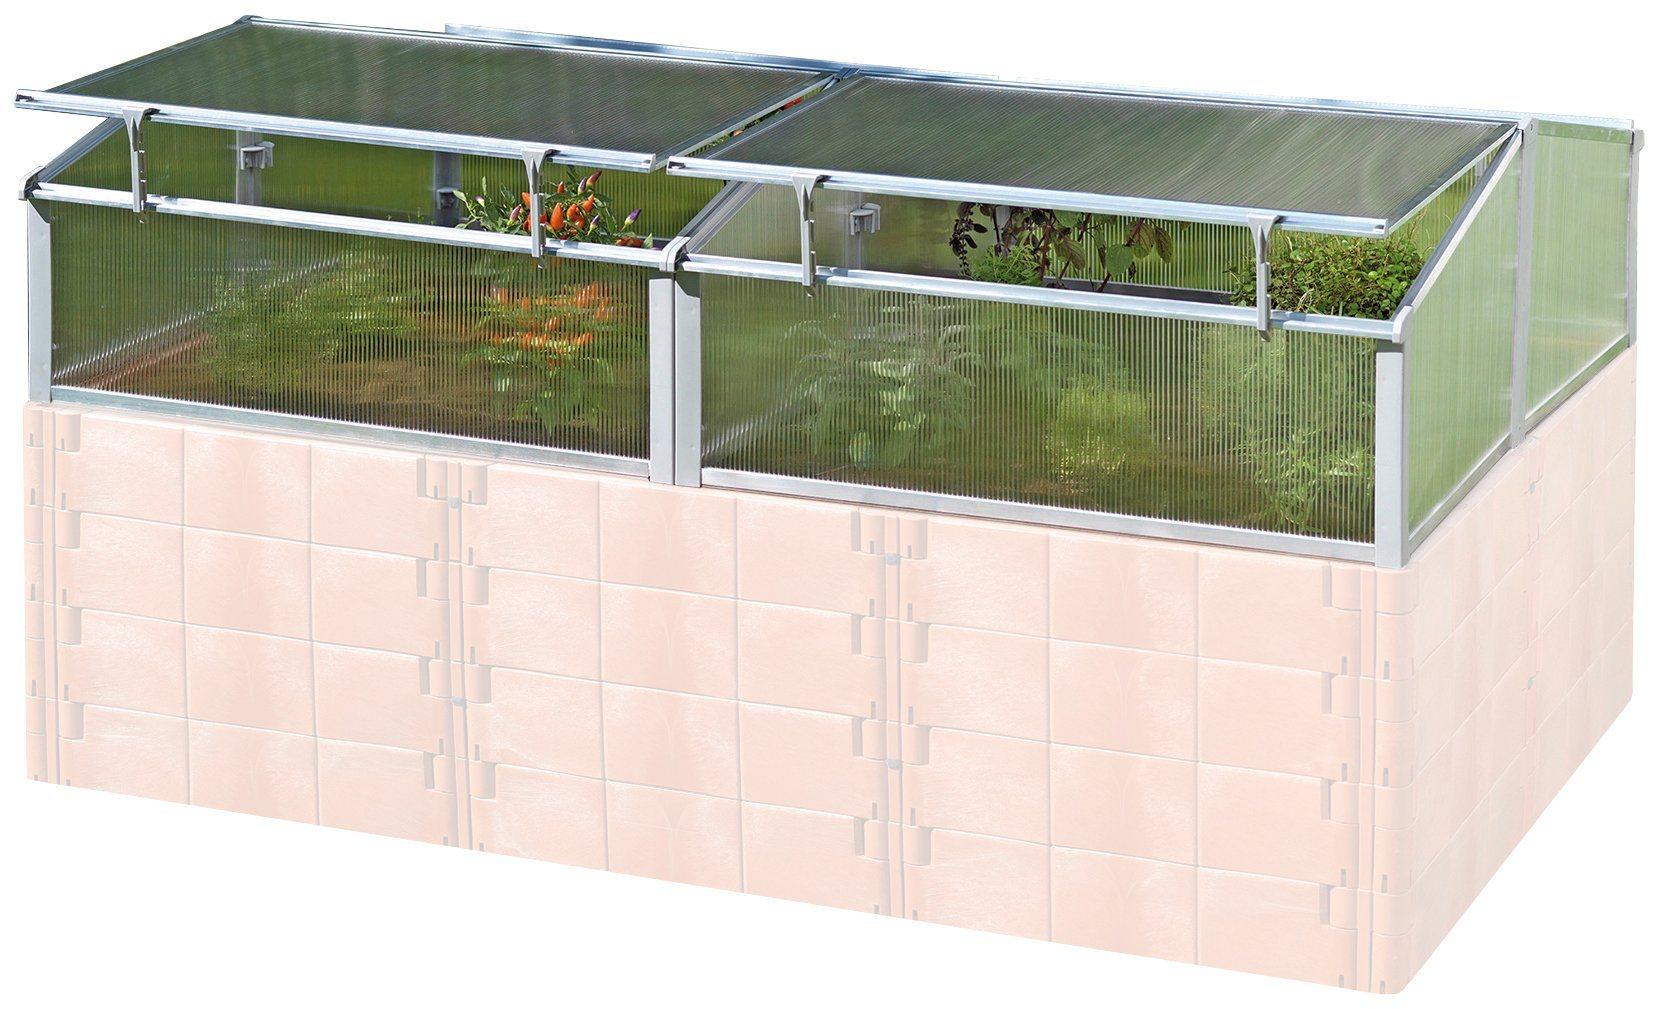 JUWEL Hochbeetabdeckung »Thermo-Frühbeet«, für »Profiline Größe 2«, BxTxH: 188x118x40/30 cm | Garten > Gewächshäuser | Polycarbonat | Juwel